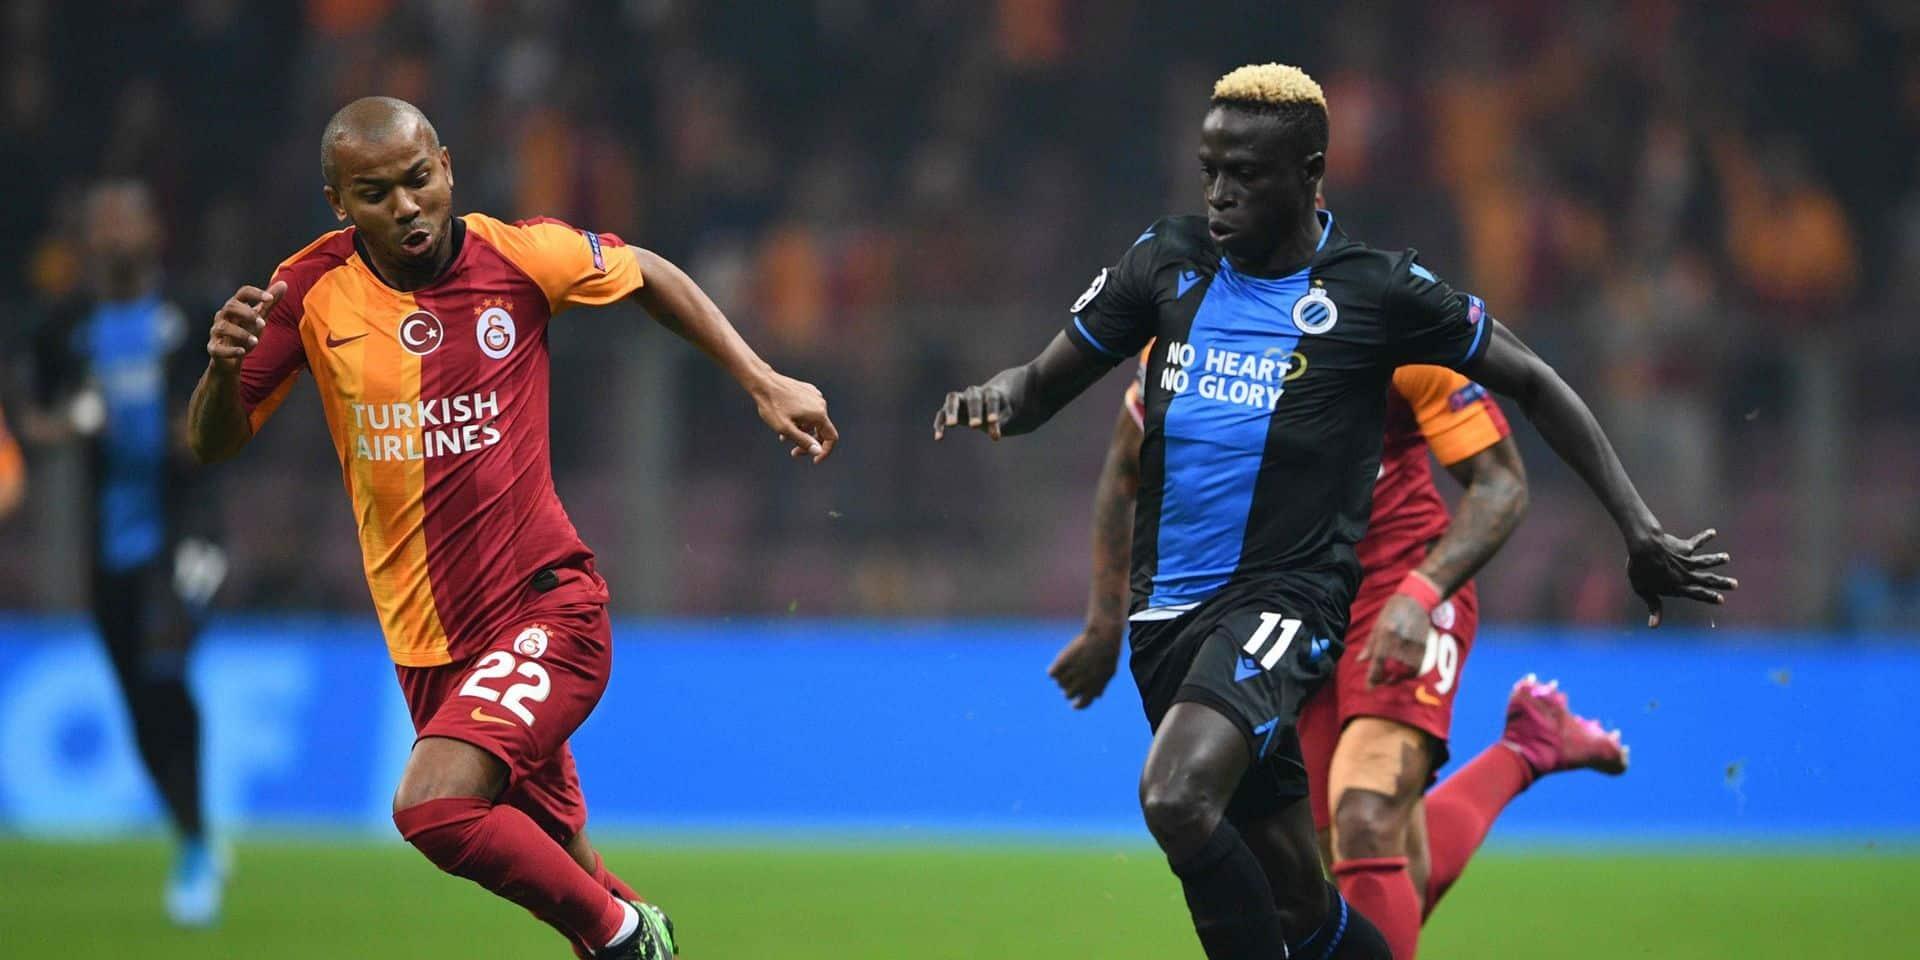 PSV - Galatasaray, tête d'affiche du 2e tour préliminaire de la Ligue des Champions